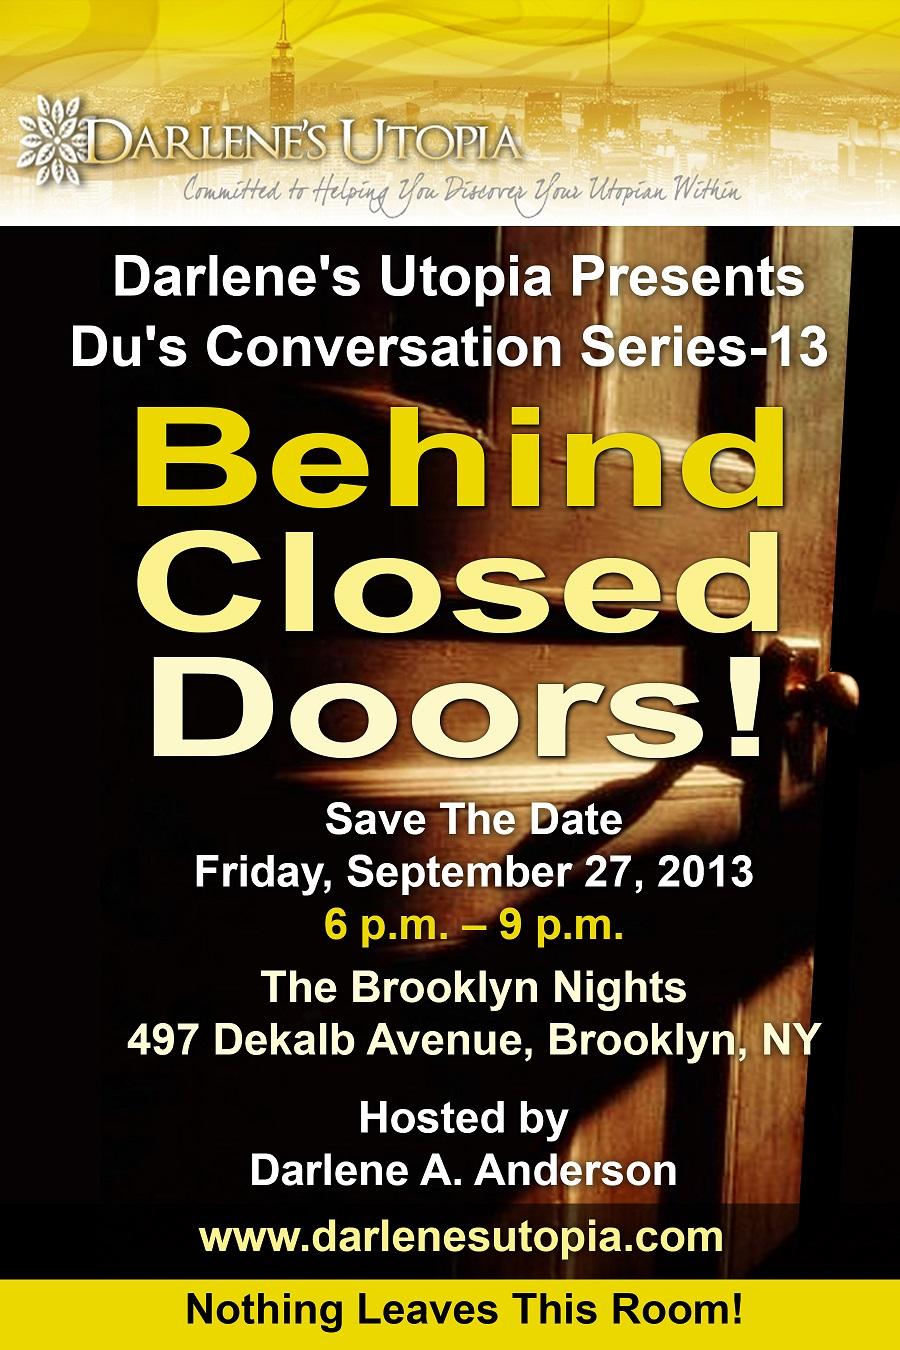 Du's Conversation Series 13.  Darlene A. Anderson